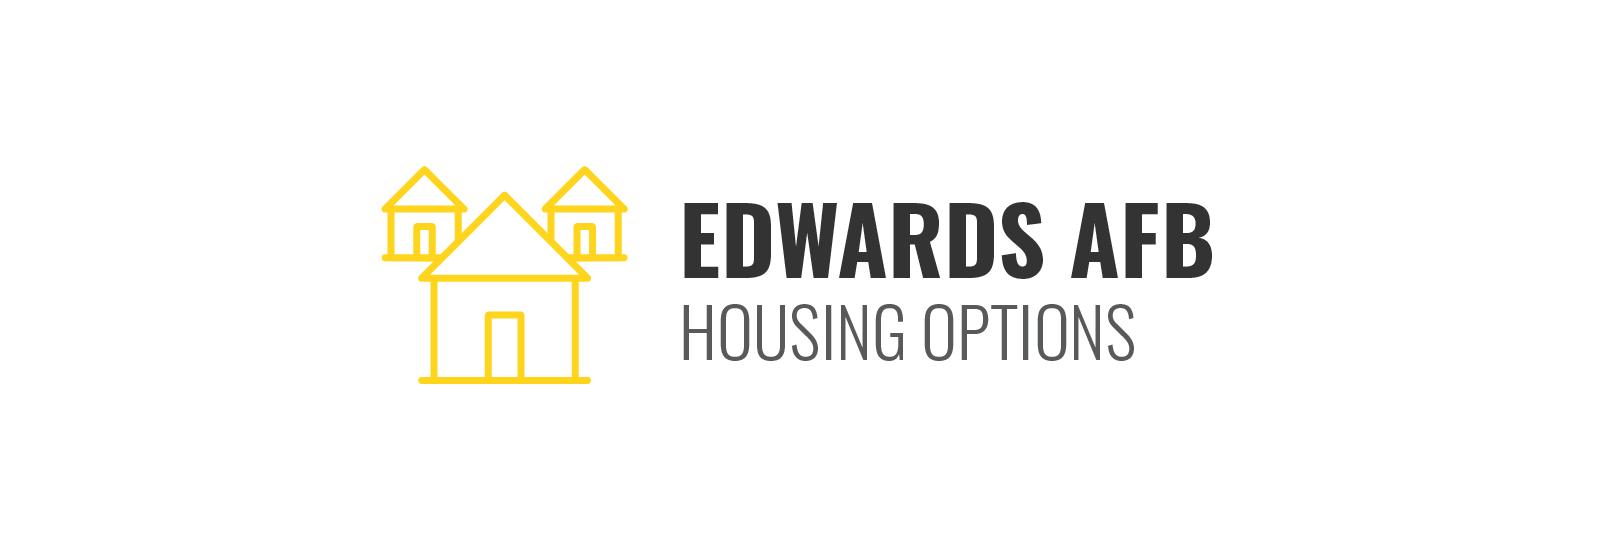 Edwards AFB Housing Options